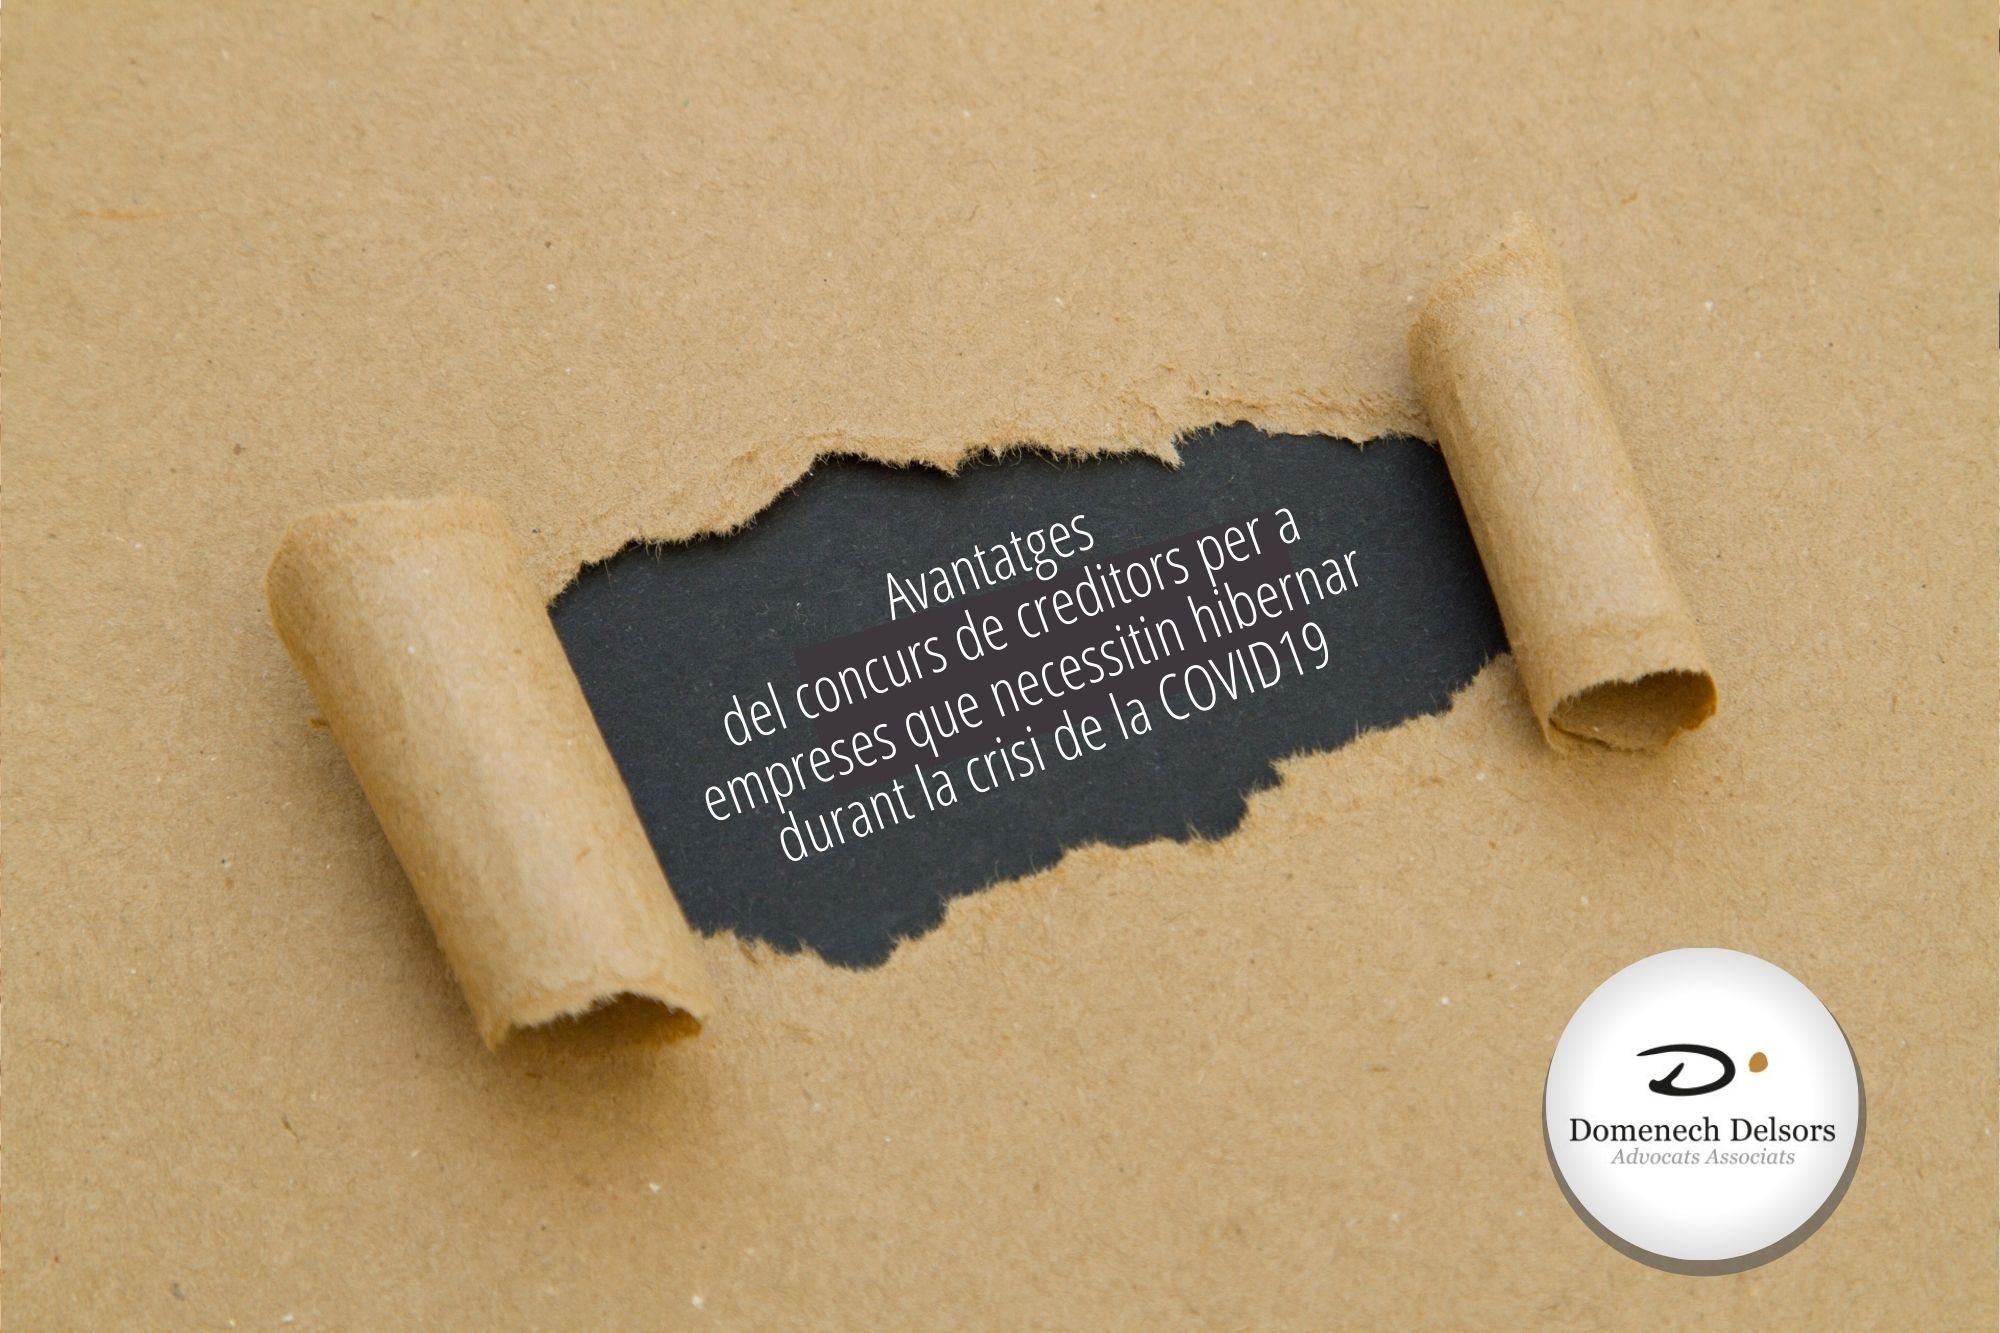 Avantatges Del Concurs De Creditors Per A Empreses Que Necessiten Hibernar Durant La Crisi De La COVID19.